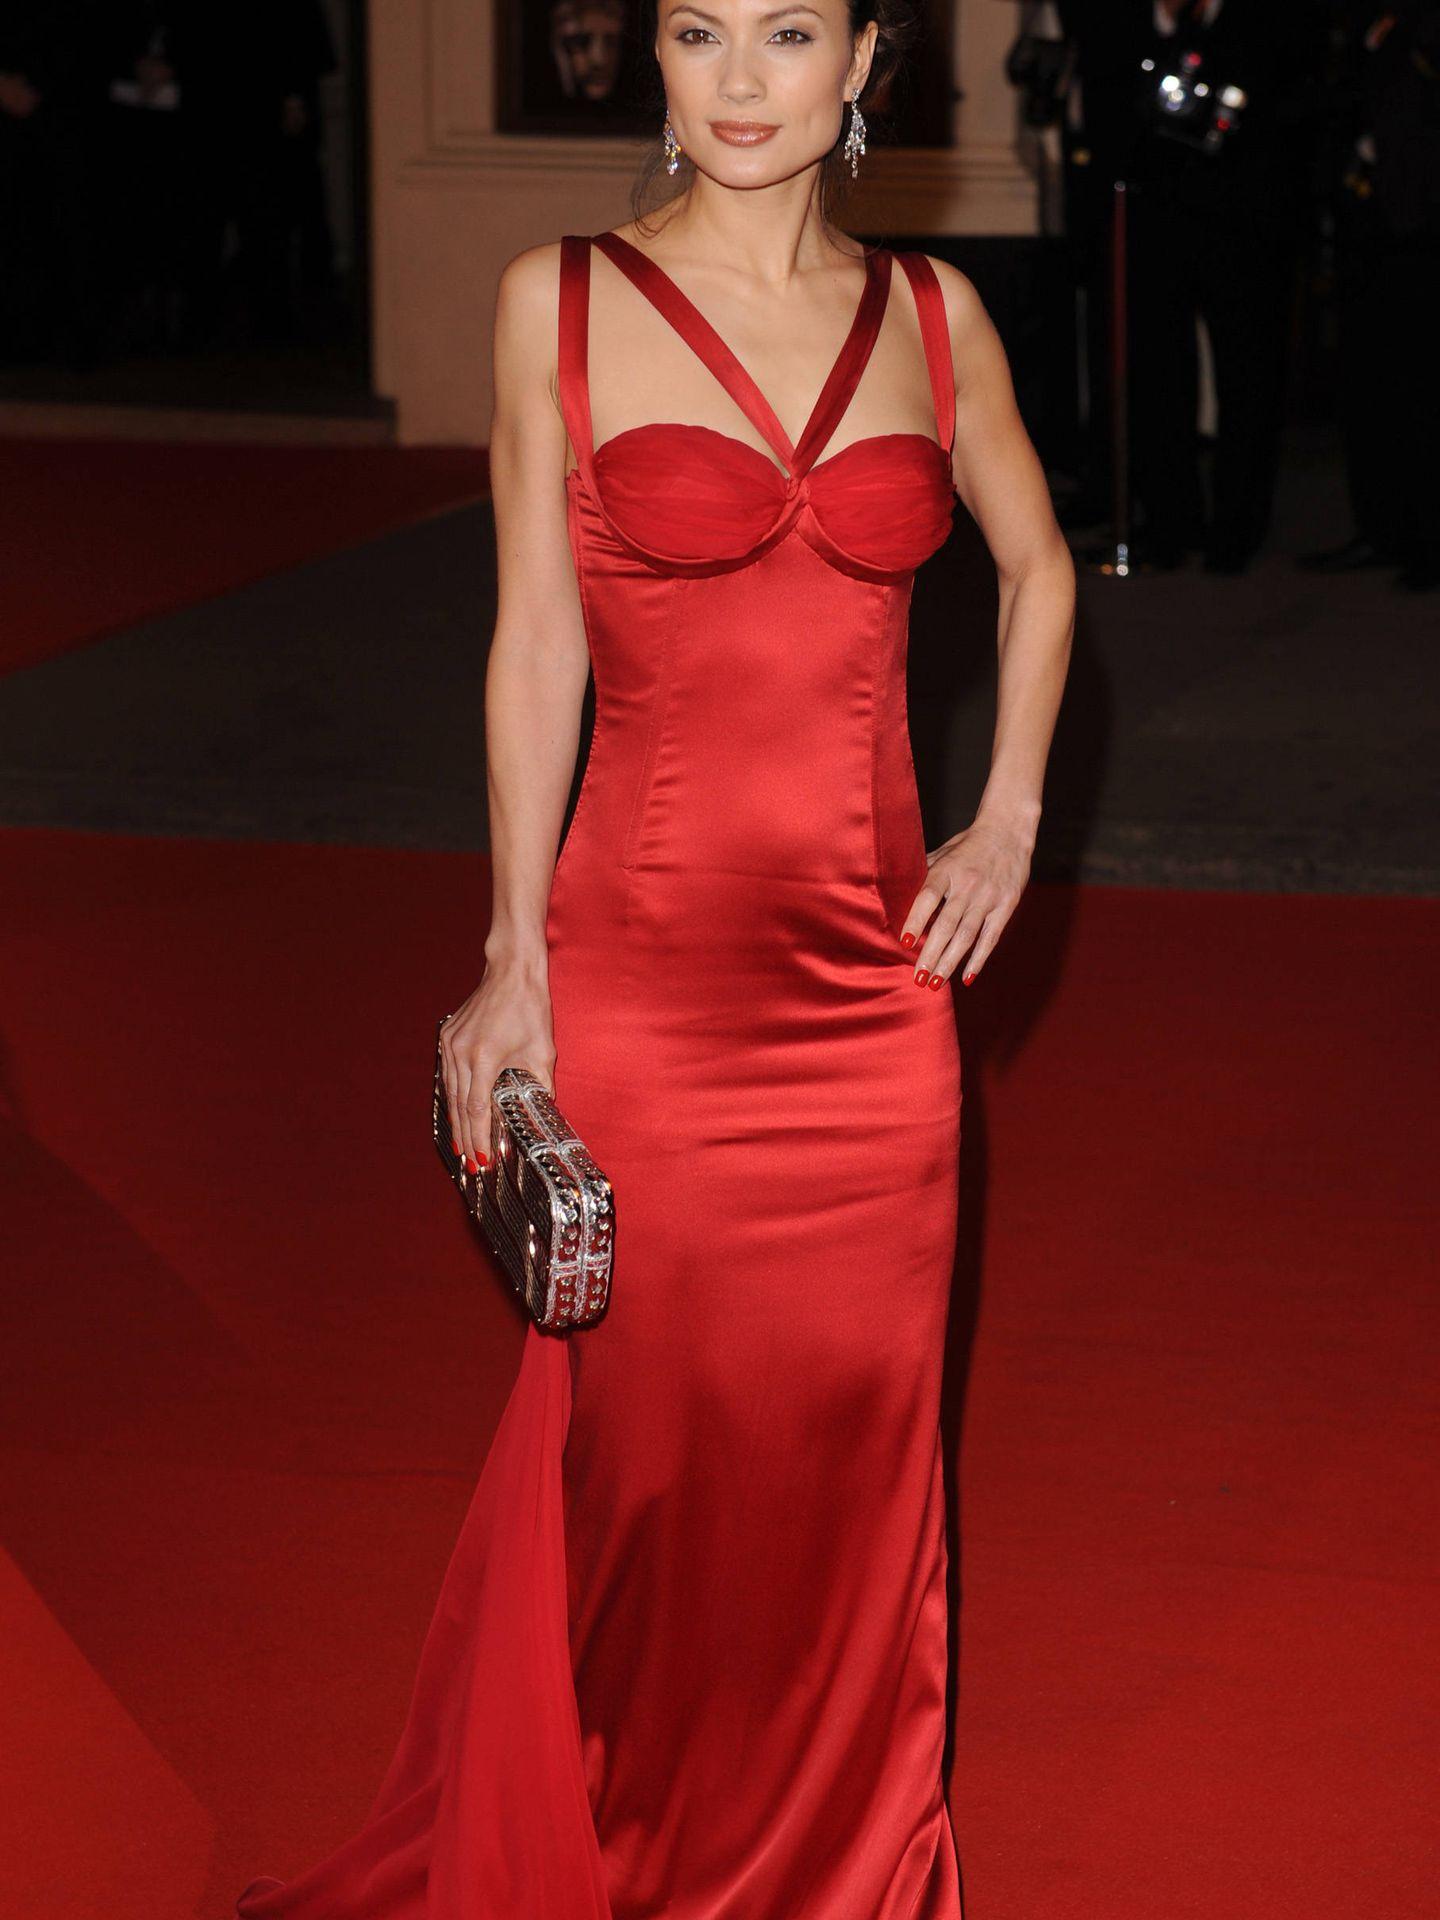 La actriz Natassia Malthe la noche en la que Weinstein supuestamente la violó. (Gtres)